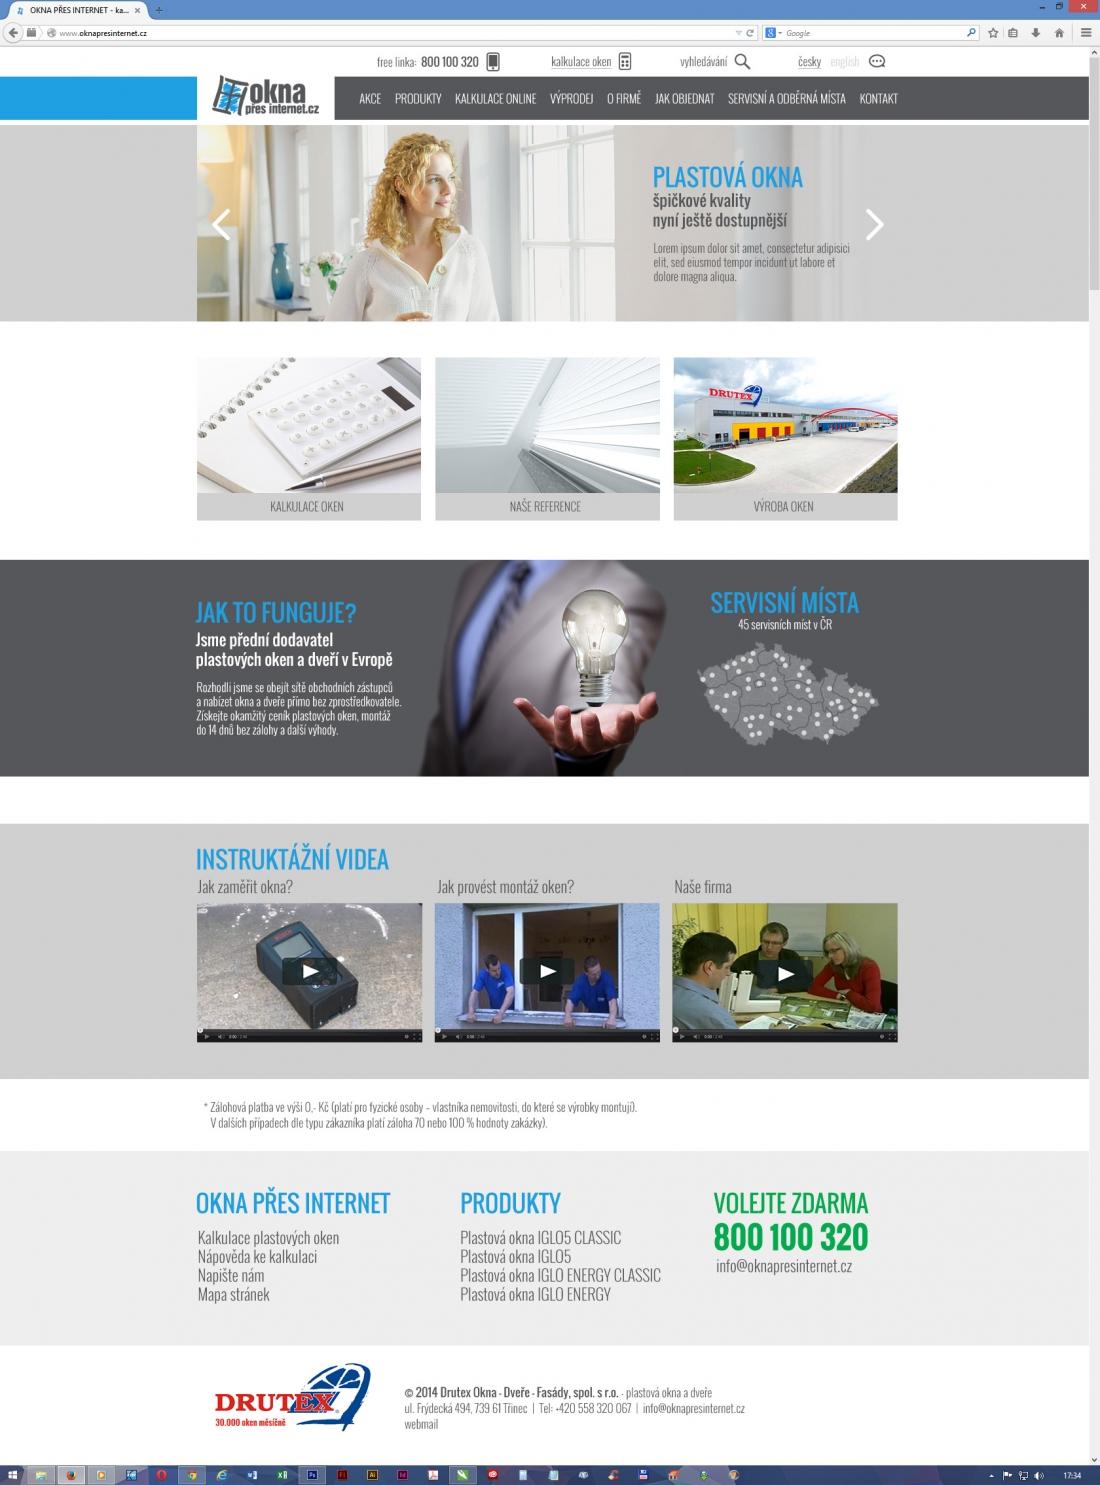 návrh designu webu - nerealizováno - Okna přes internet